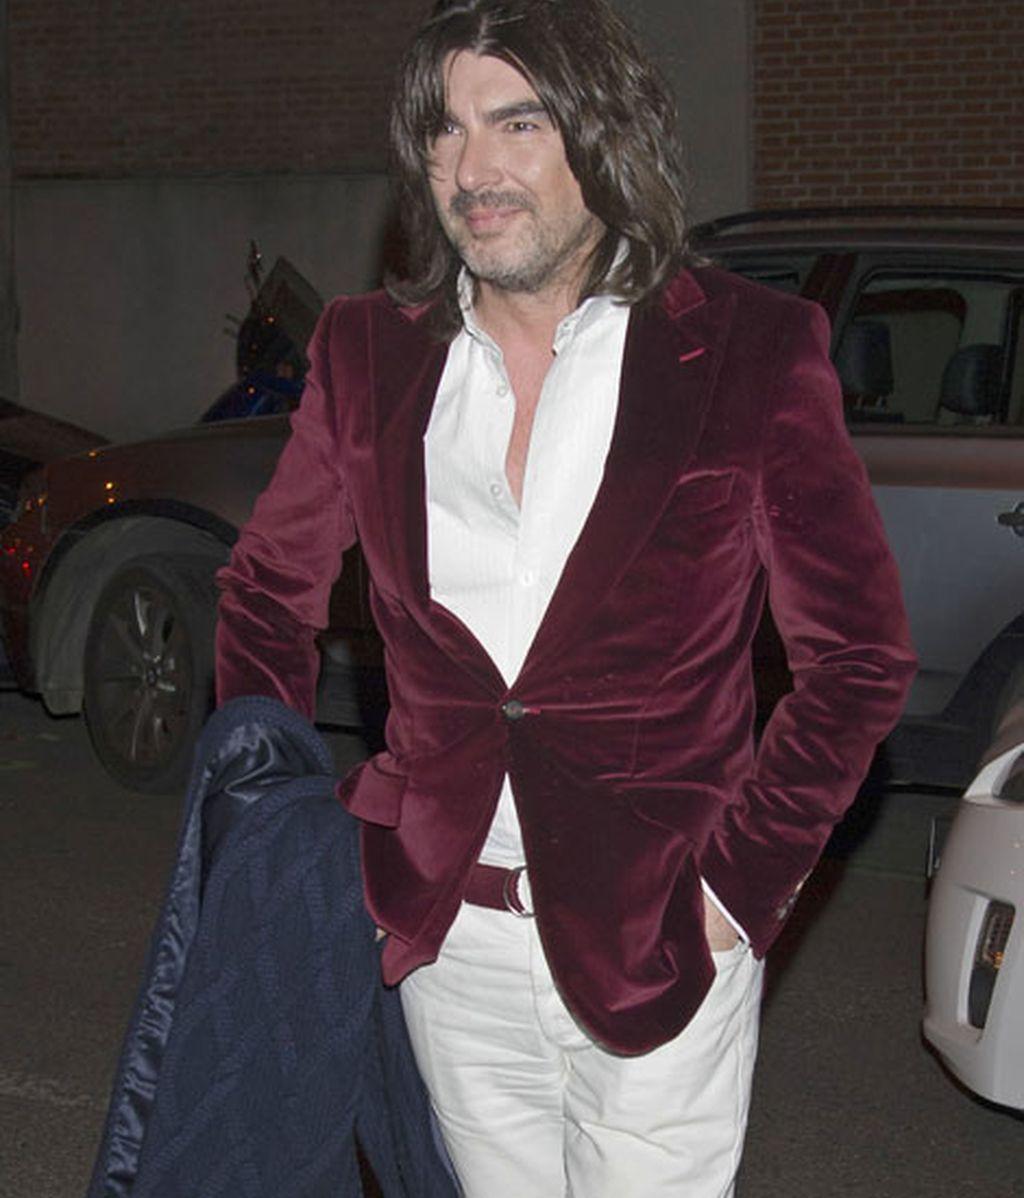 El diseñador francés Stephane Rolland fue uno de los asistentes a la fiesta